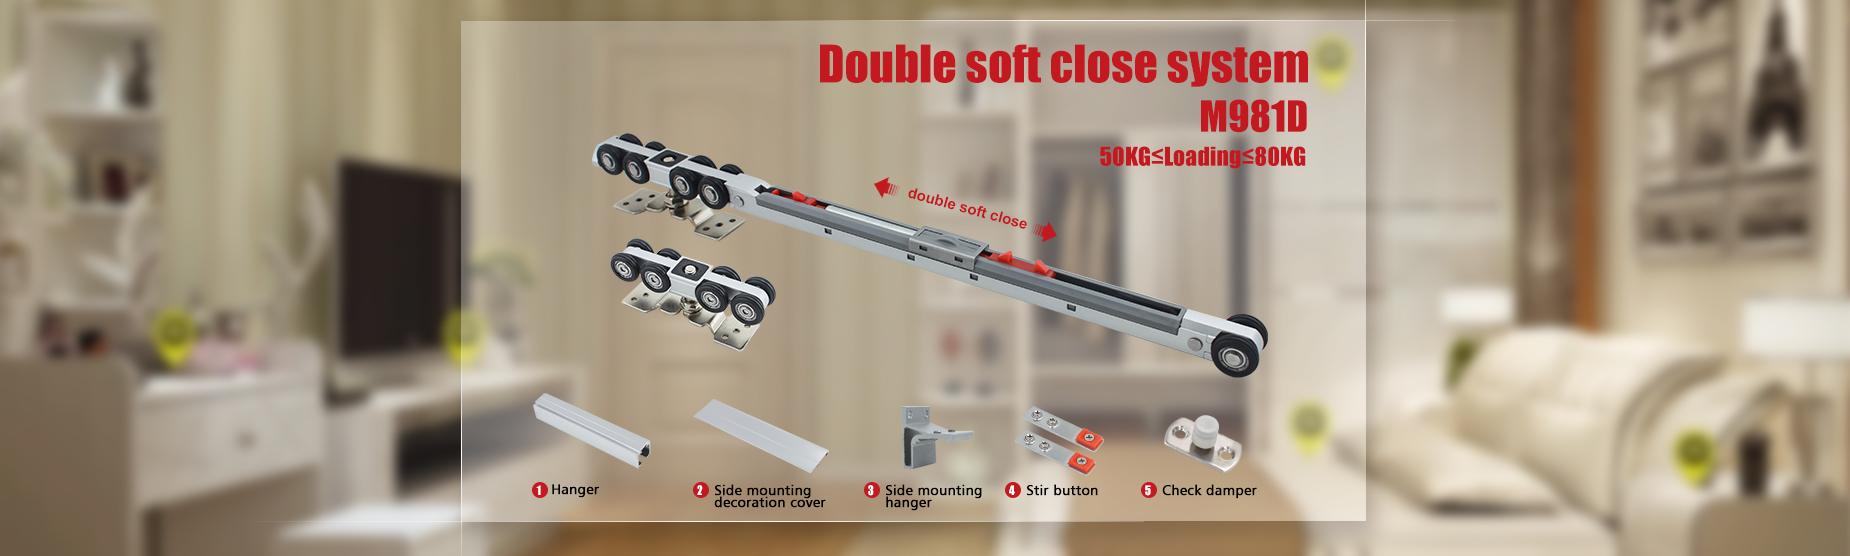 M981D مزدوجة الجانبين لينة إغلاق انزلاق الأسطوانة الباب